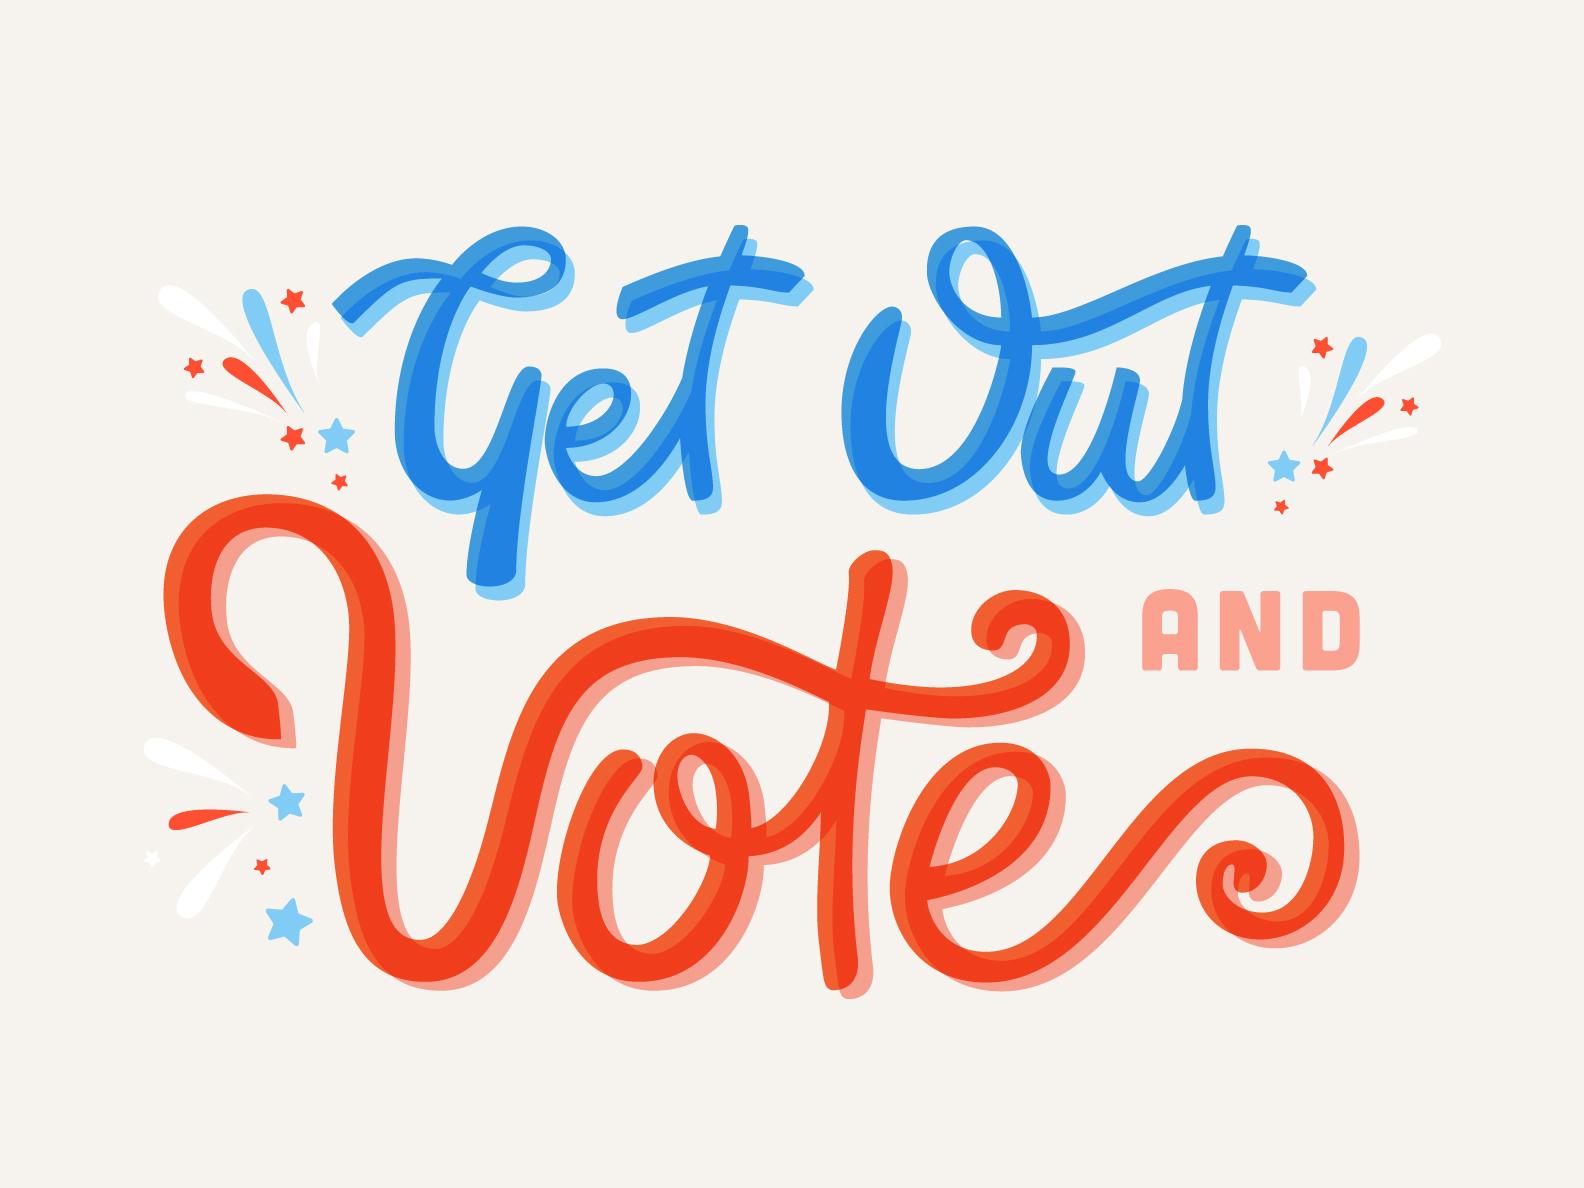 Vote white